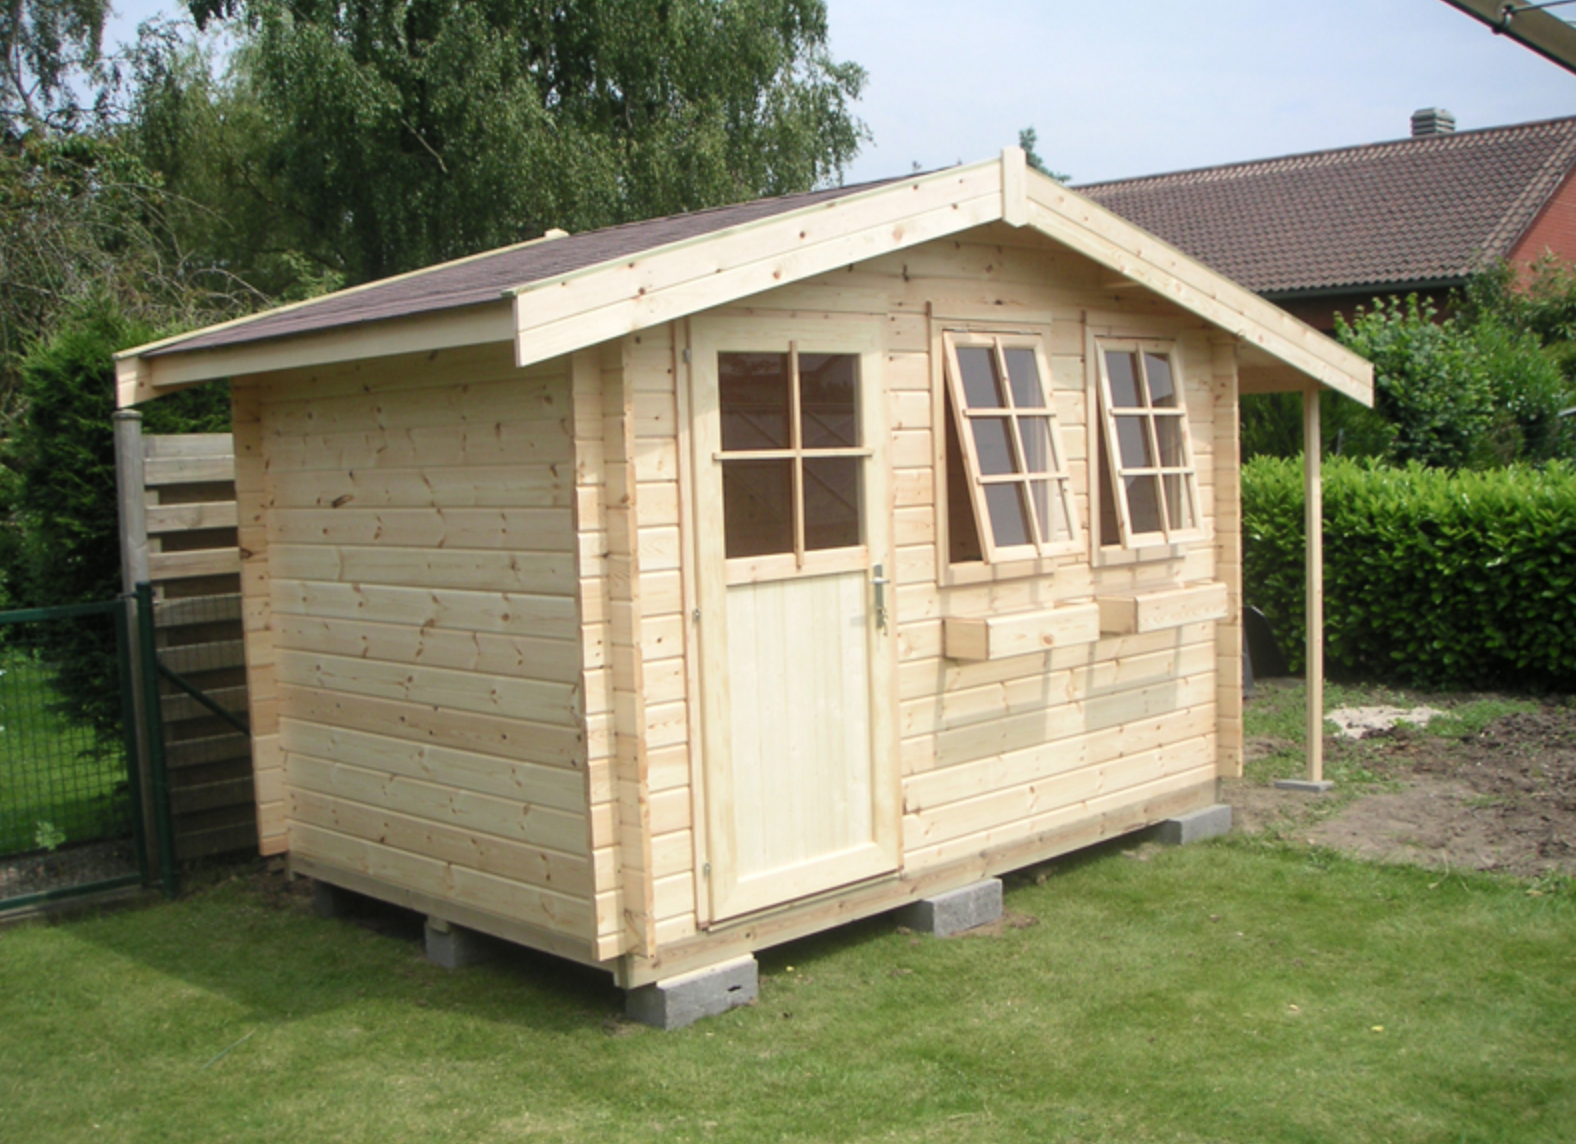 Quel Bois Pour Cabane De Jardin bois pour cabane de jardin maisonnette en bois enfant